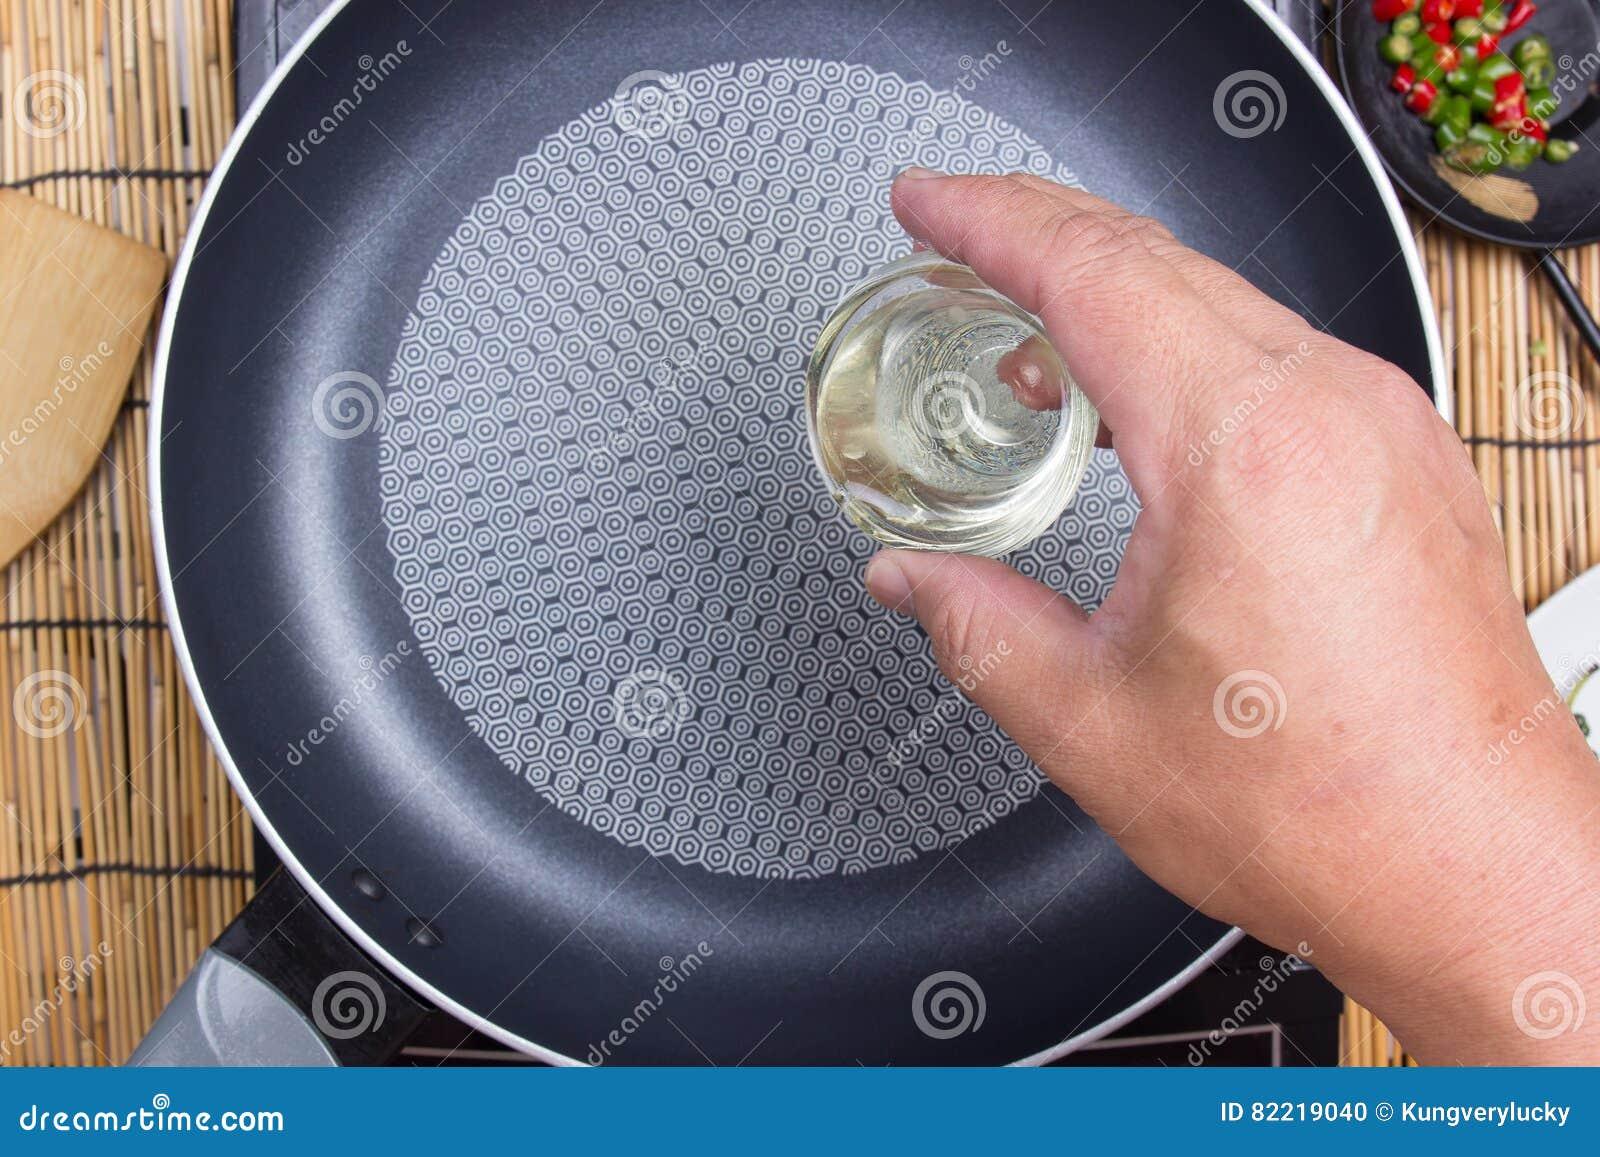 Kock Som Sätter Olja Till Pannan Arkivfoto Bild Av Gourmet, Olja 82219040